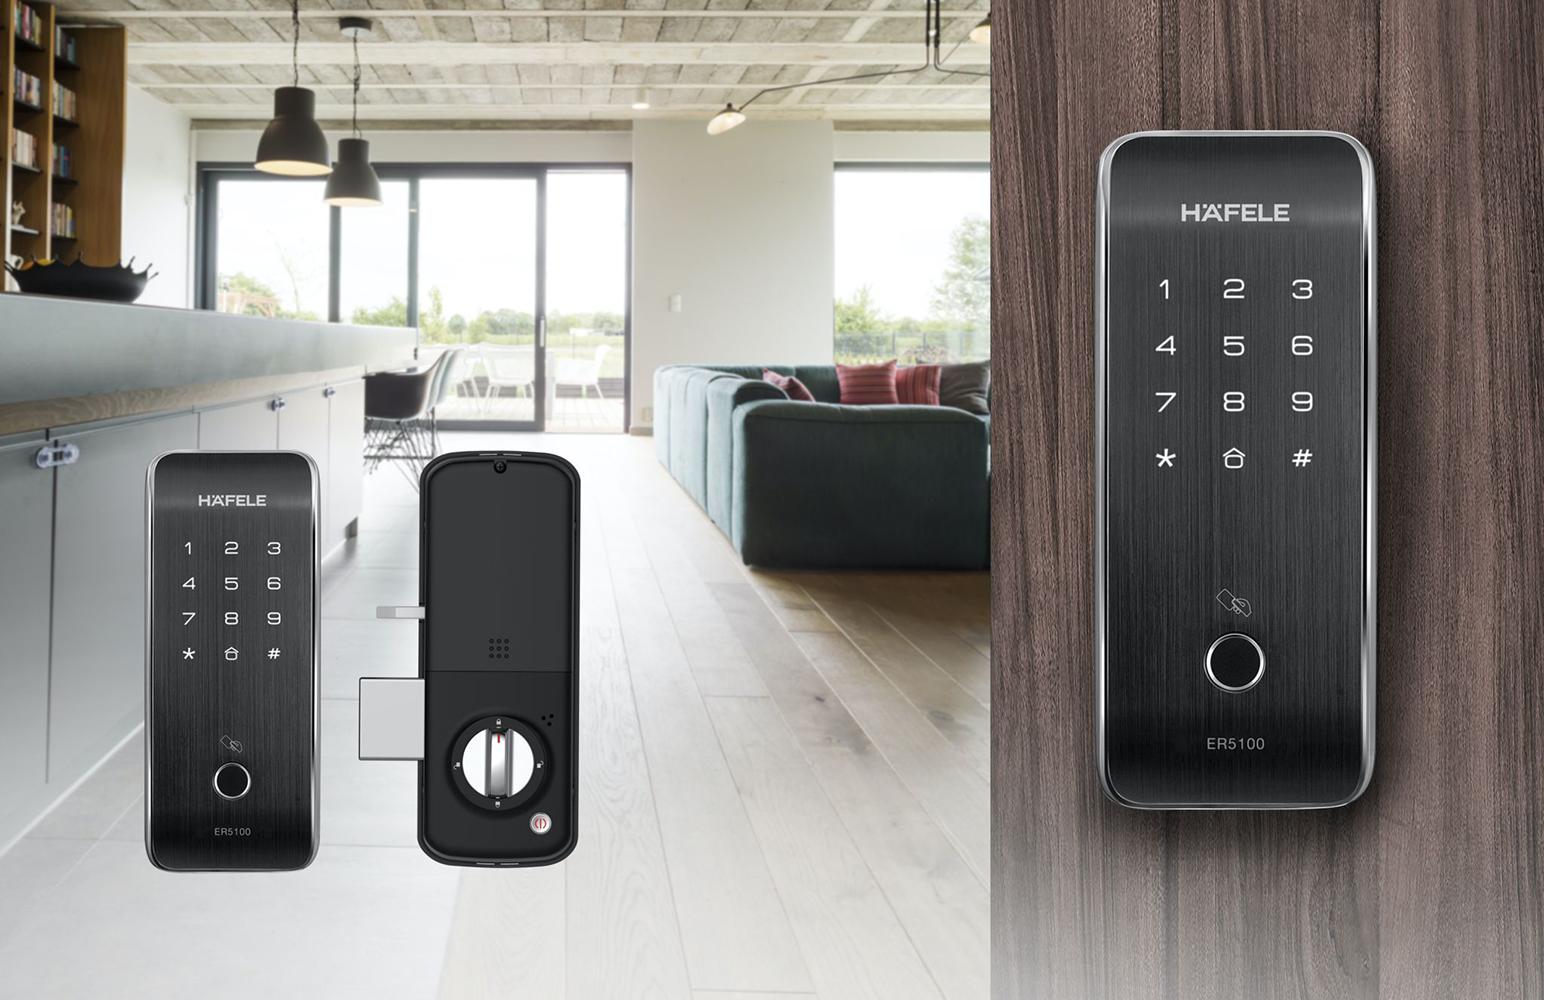 Khóa điện tử không tay nắm ER5100 của Häfele phù hợp với cửa sắt lẫn cửa gỗ.